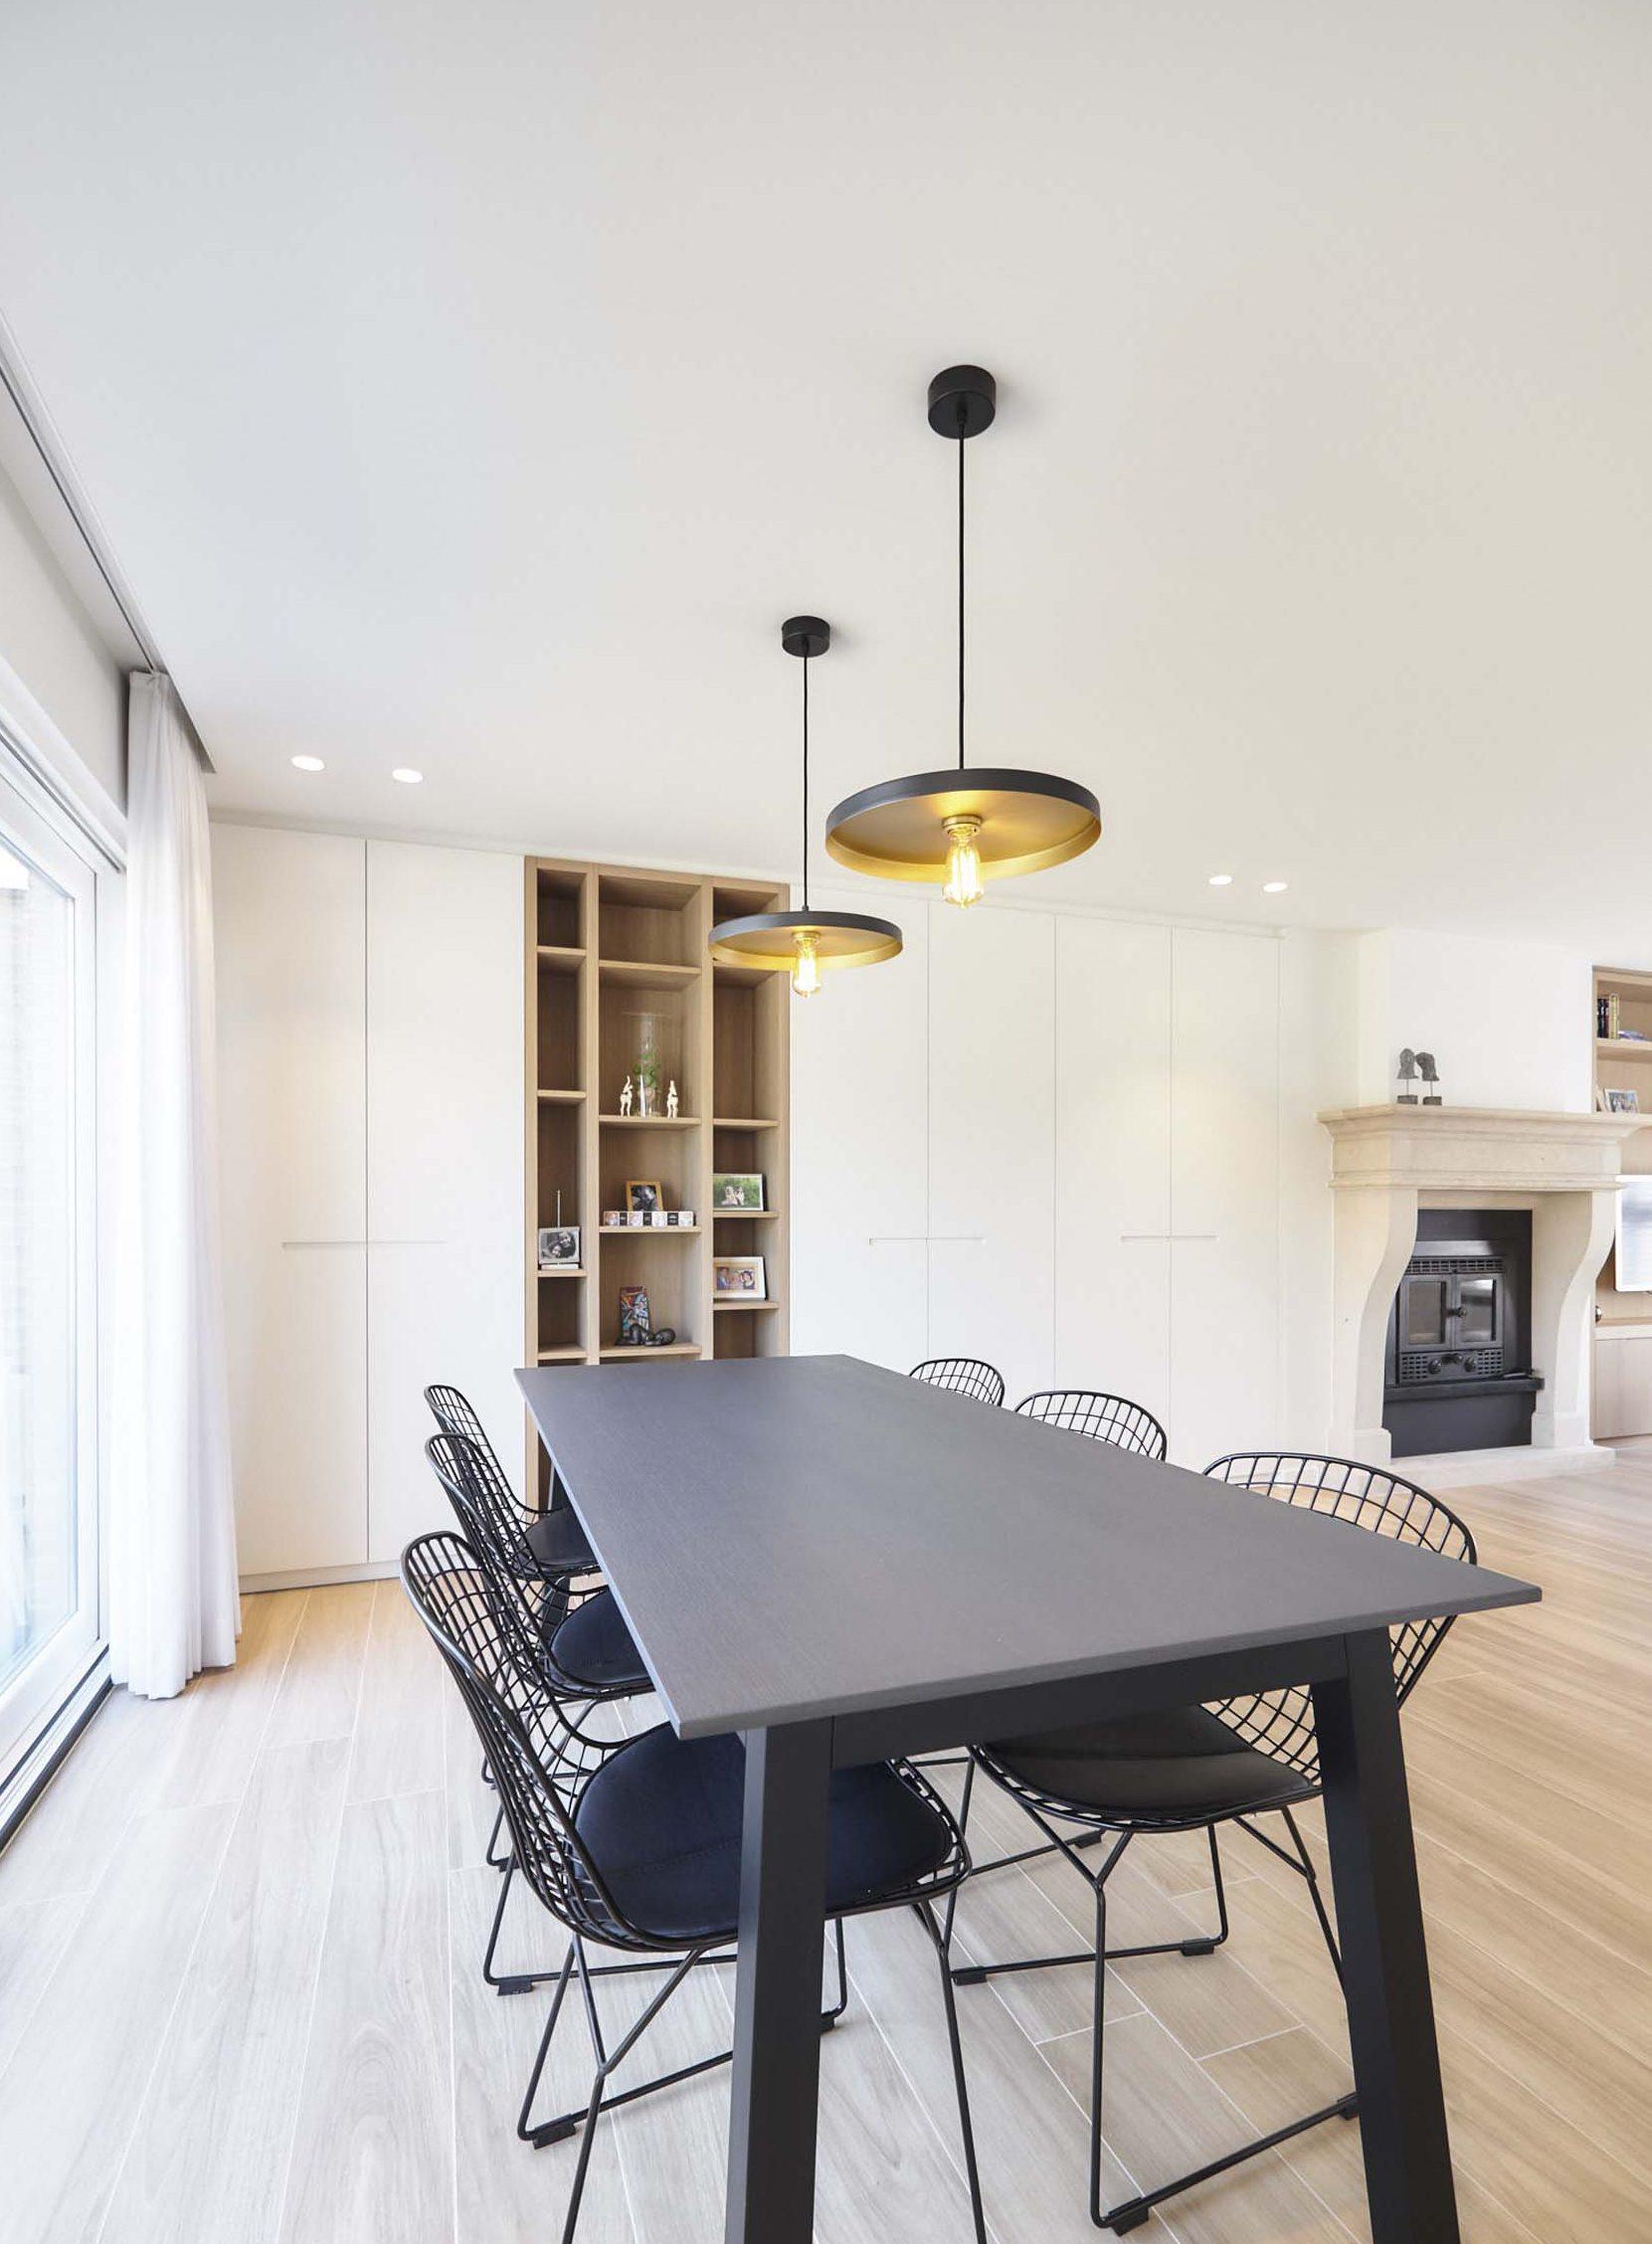 Vanda-projects-interieurinrichting-meubelmakerij-oost-vlaanderen-verfaillie-anne-eetstoelen